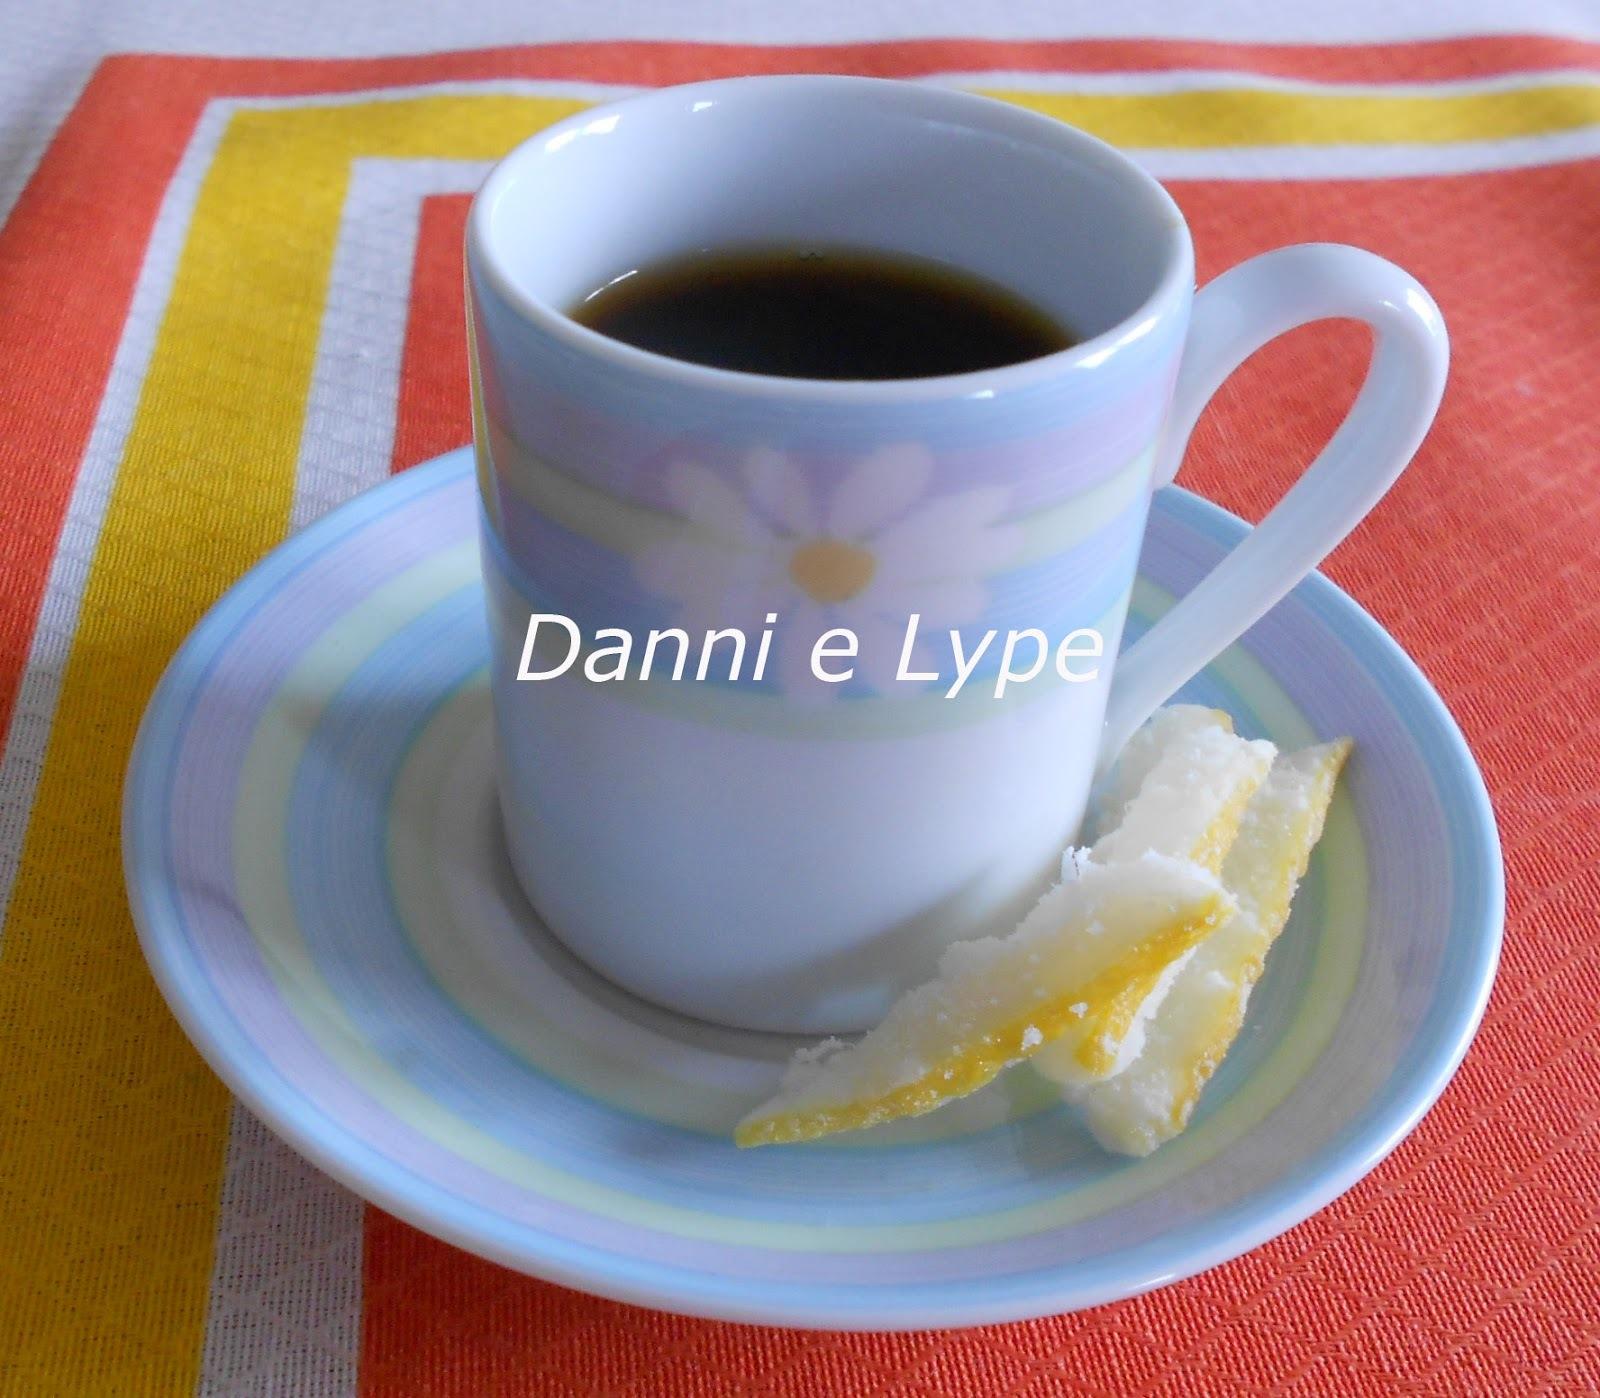 Casca de Limão Siciliano Cristalizada